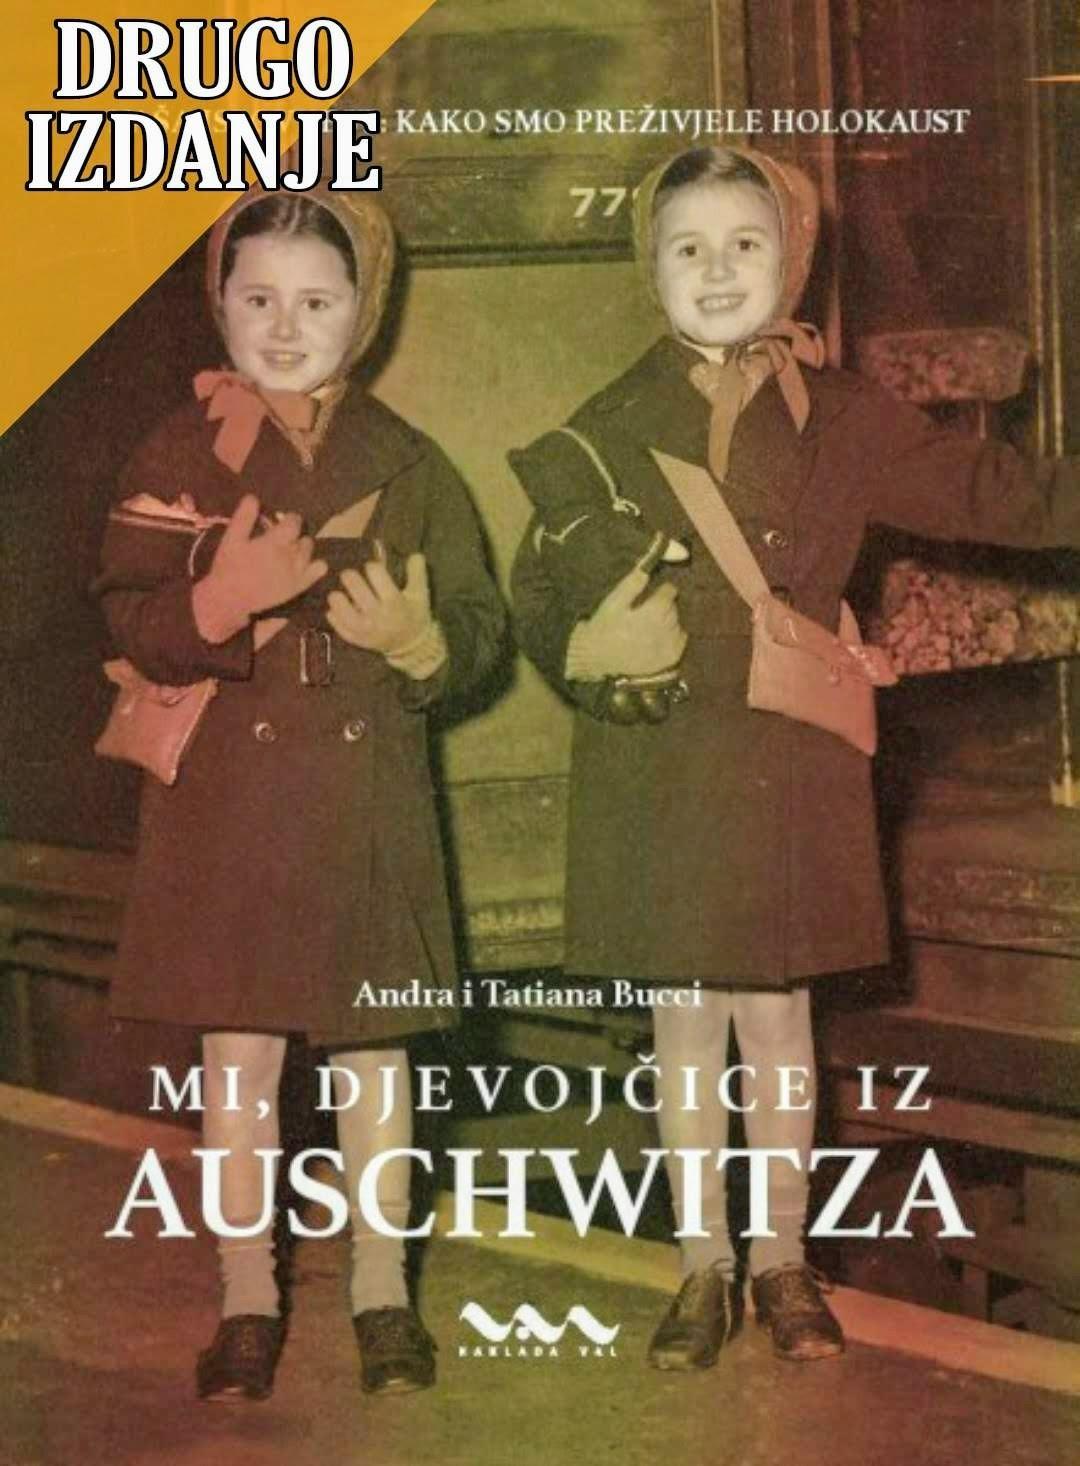 Andra i Tatiana Bucci: Mi, djevojčice iz Auschwitza (Naša ispovijest: Kako smo preživjele holokaust) DRUGO IZDANJE